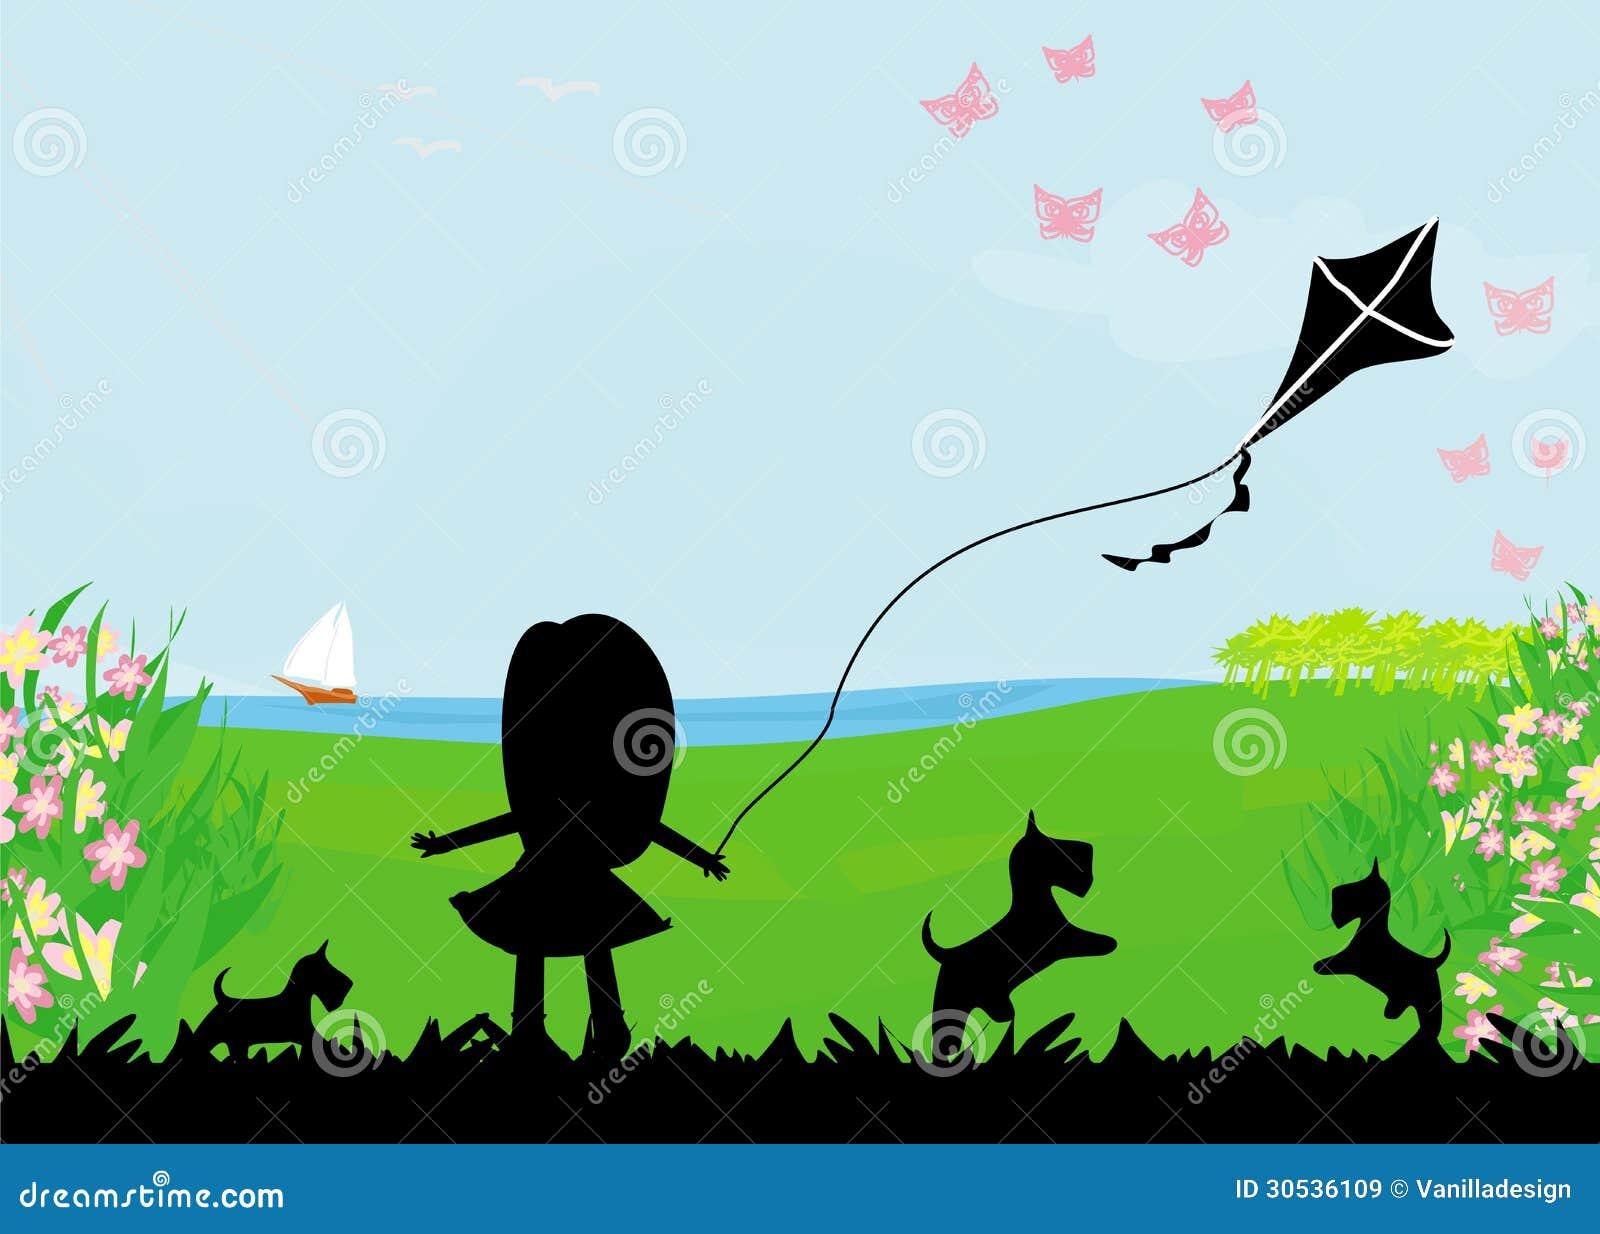 flying kite illustration - photo #15